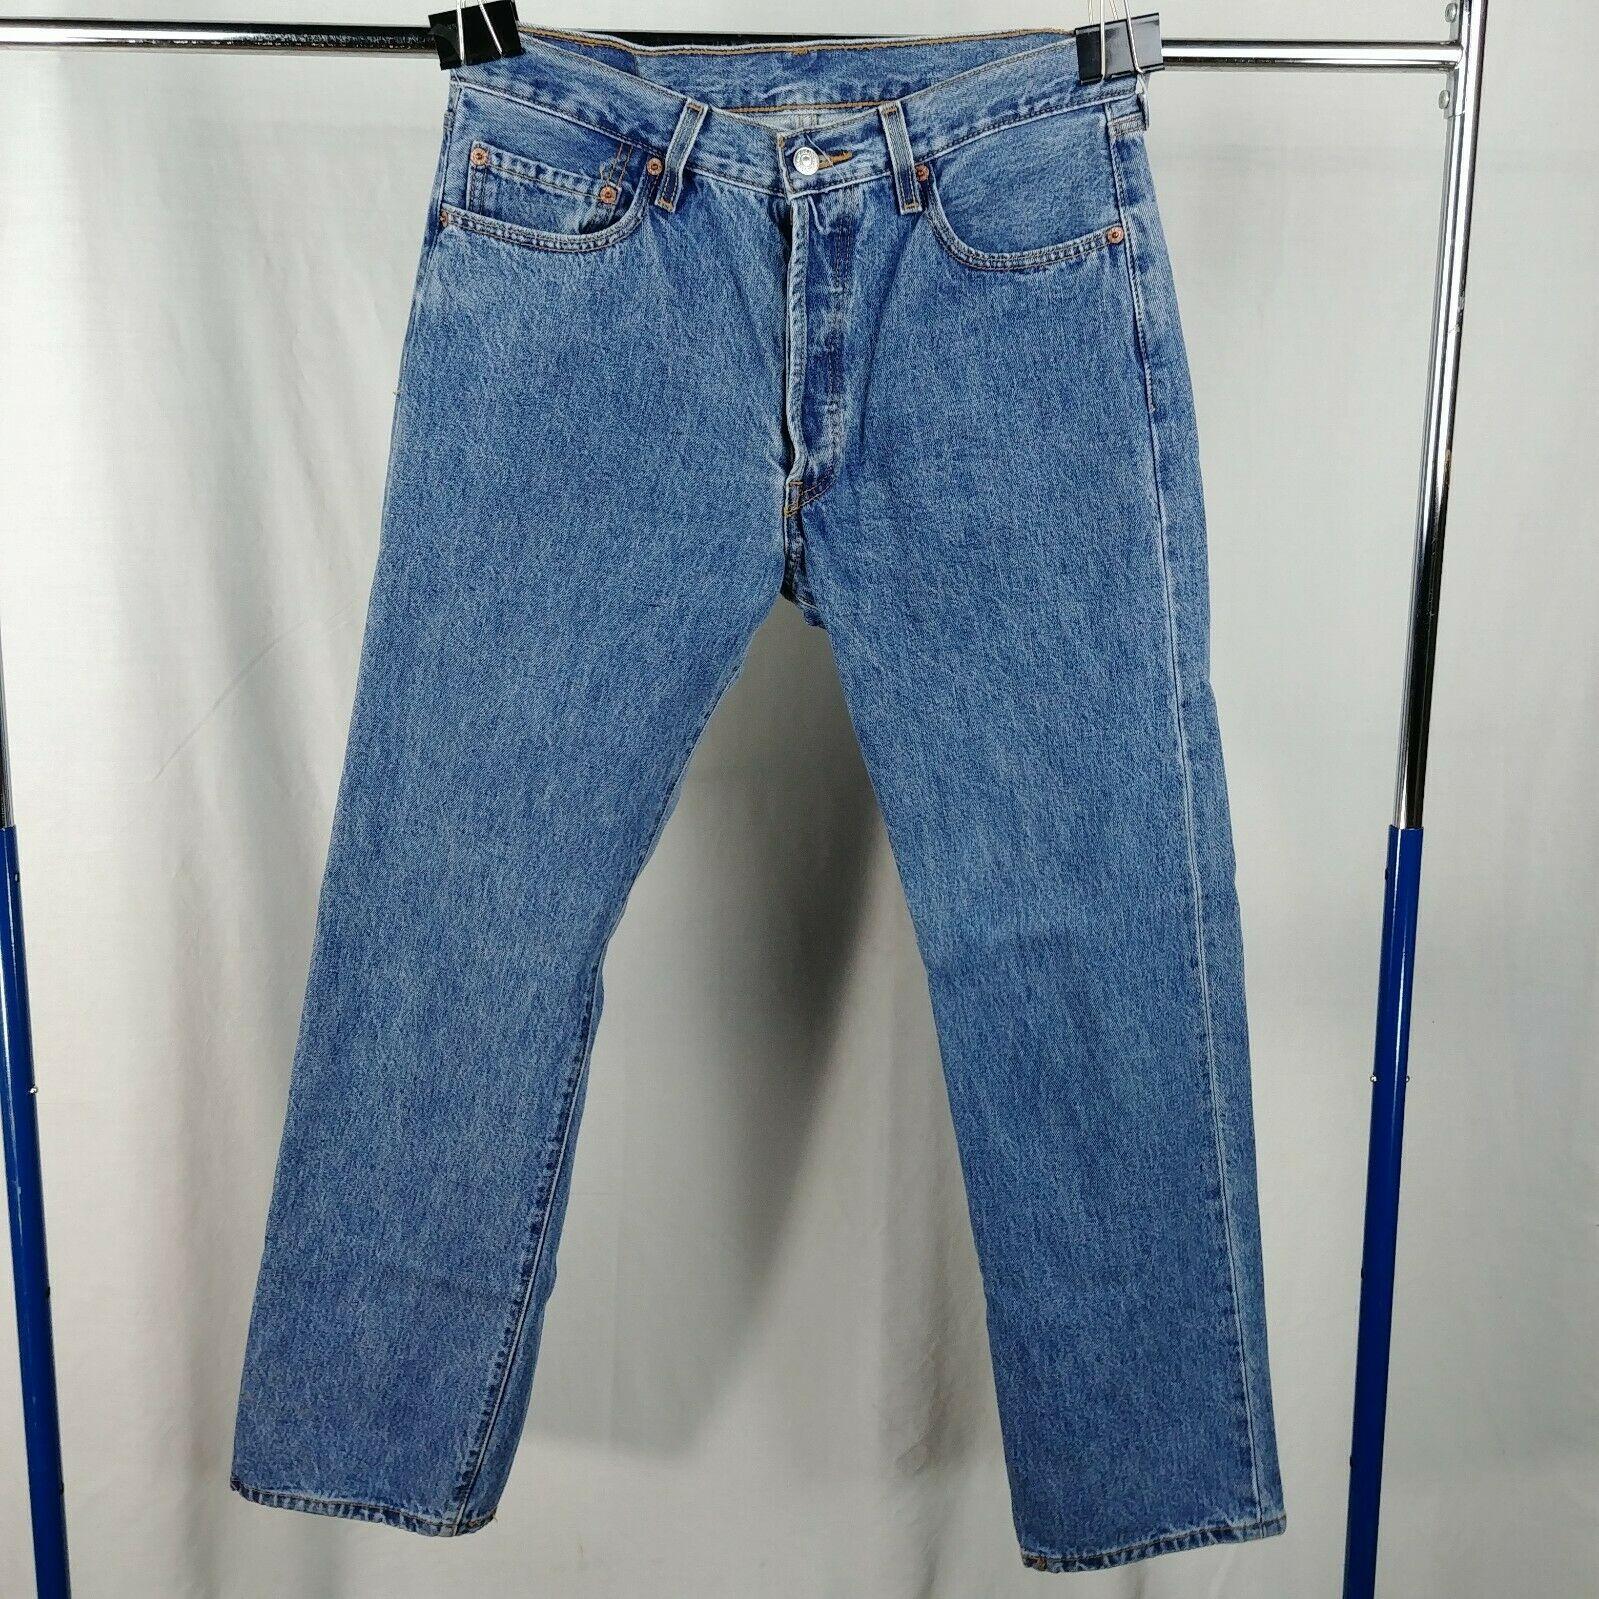 de8d7778 Levi 501 Button Fly Blue Jeans Mens Size 34 x 31 100% Cotton ...